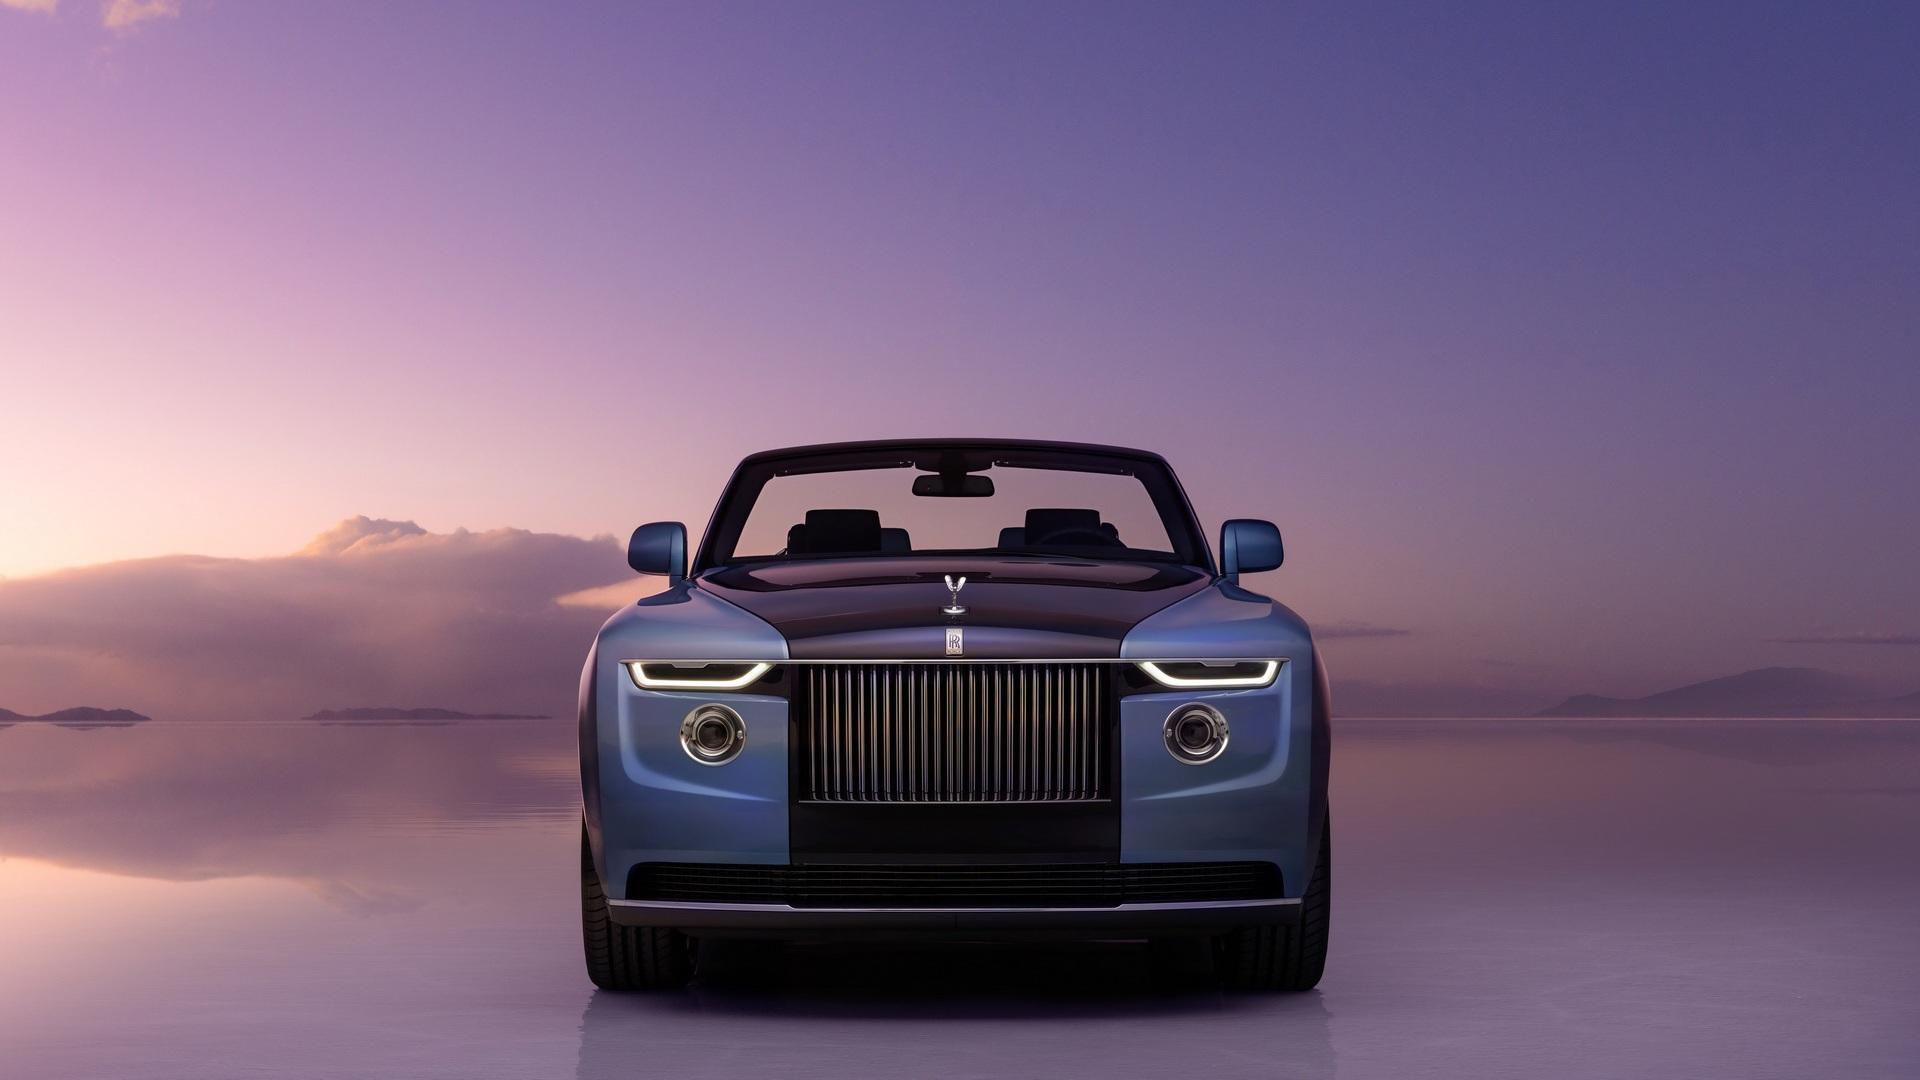 Cận cảnh siêu phẩm mới giá 28 triệu USD của Rolls-Royce